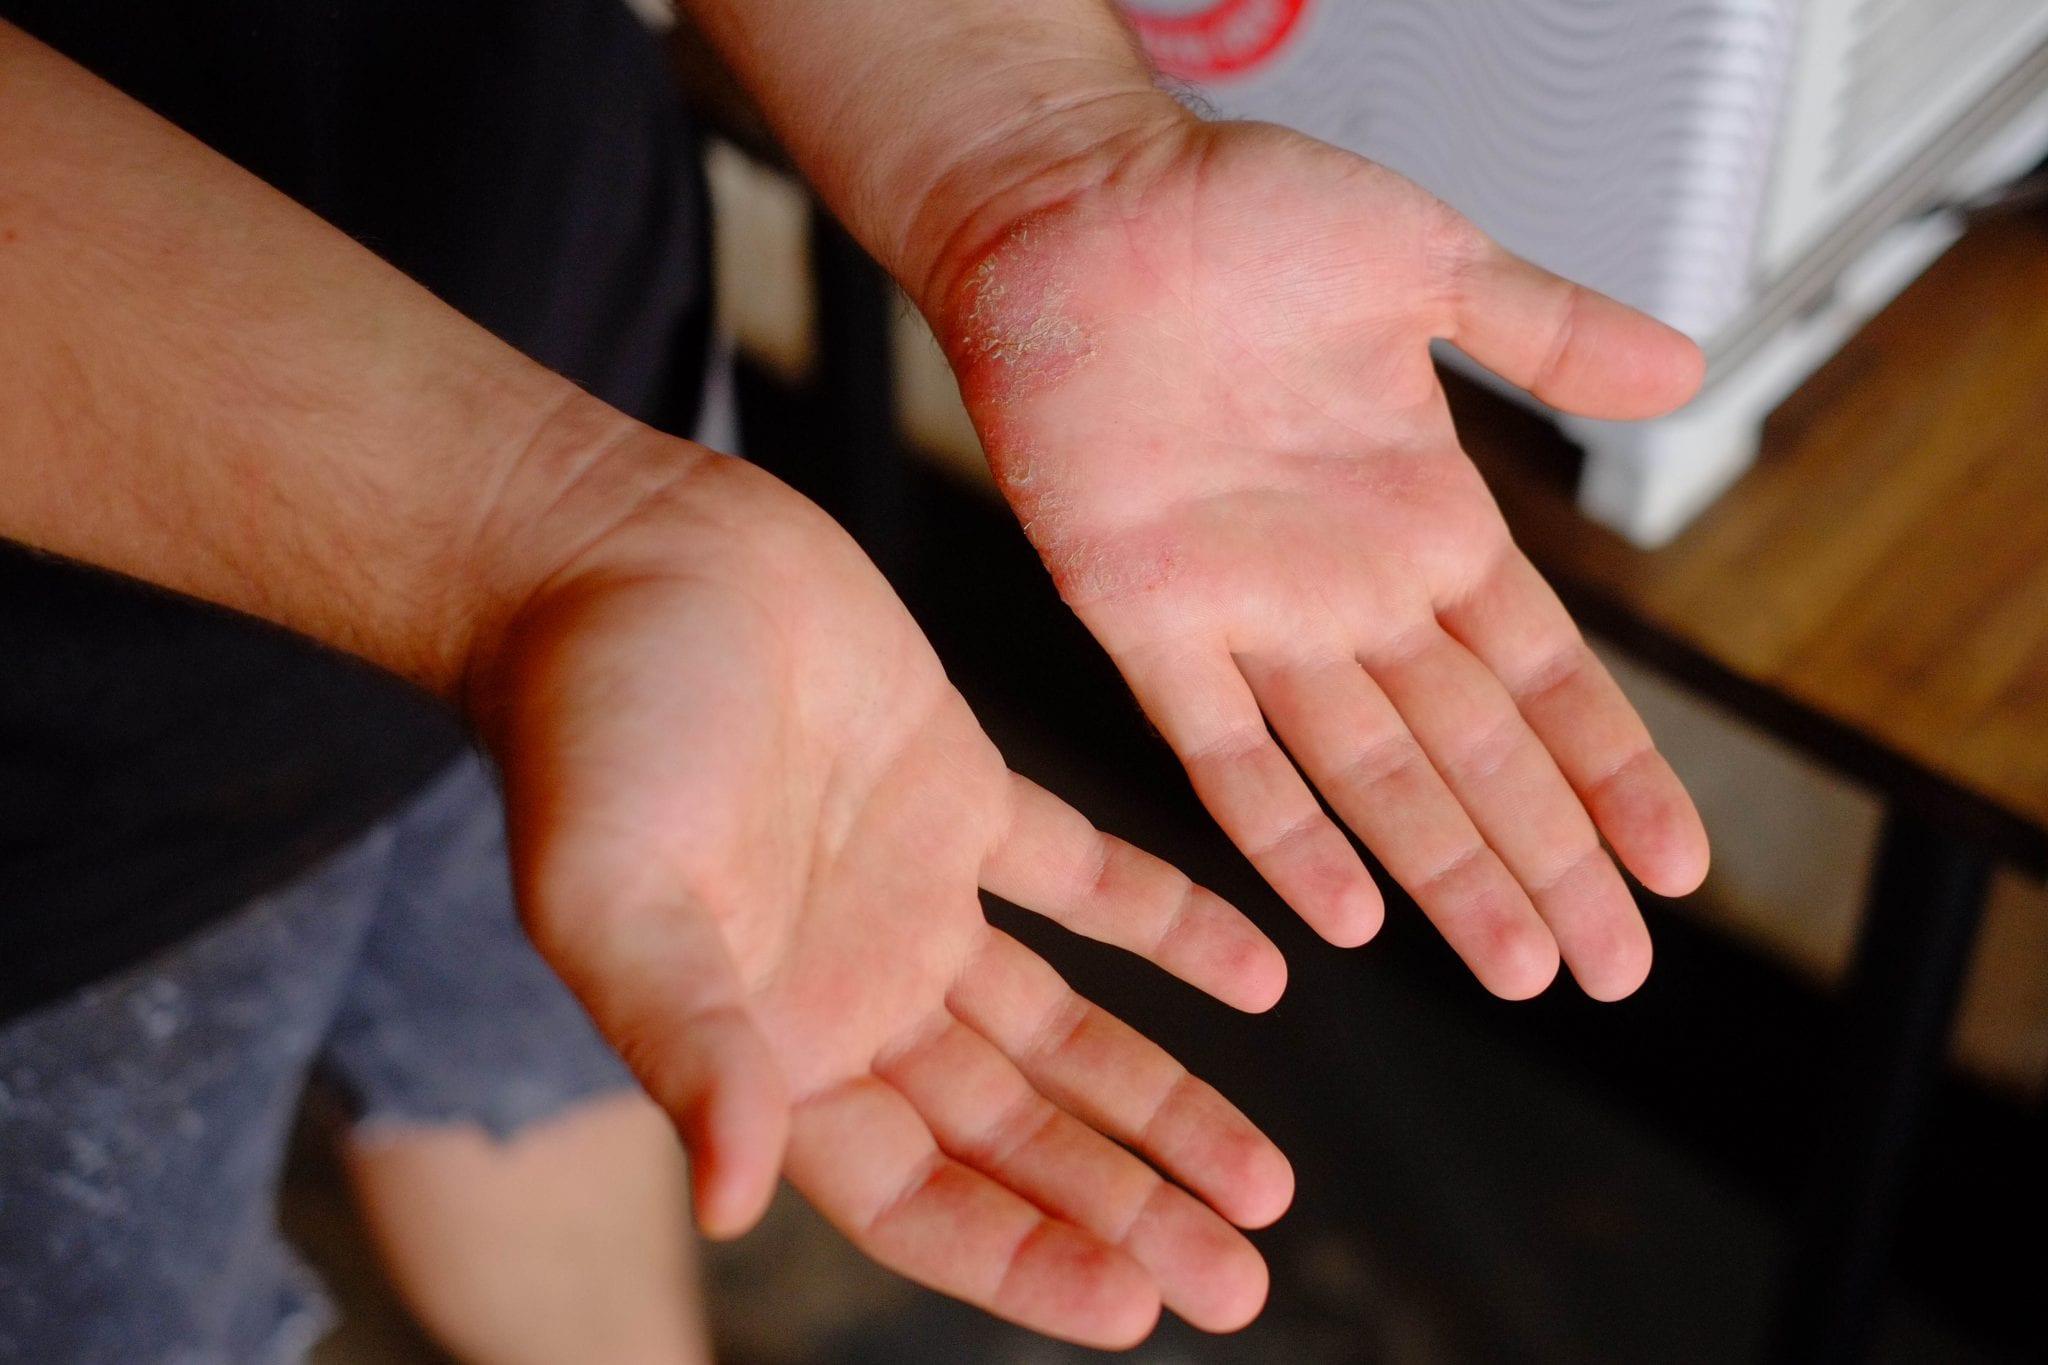 Dry hands